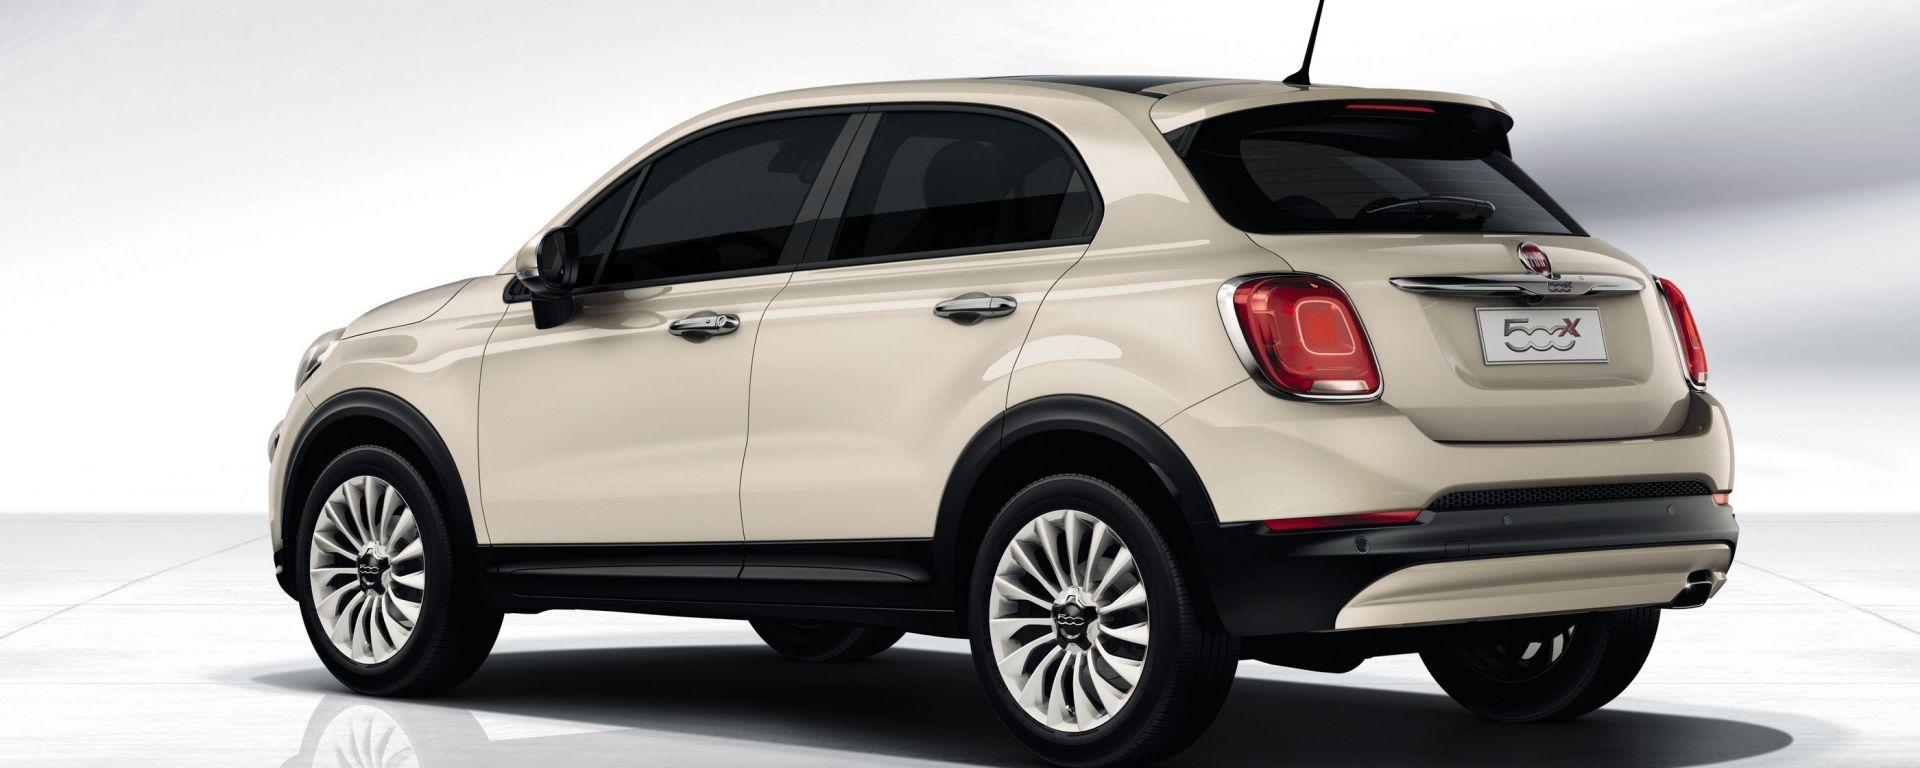 Fiat 500 Sport >> Novità auto: Fiat 500X - MotorBox